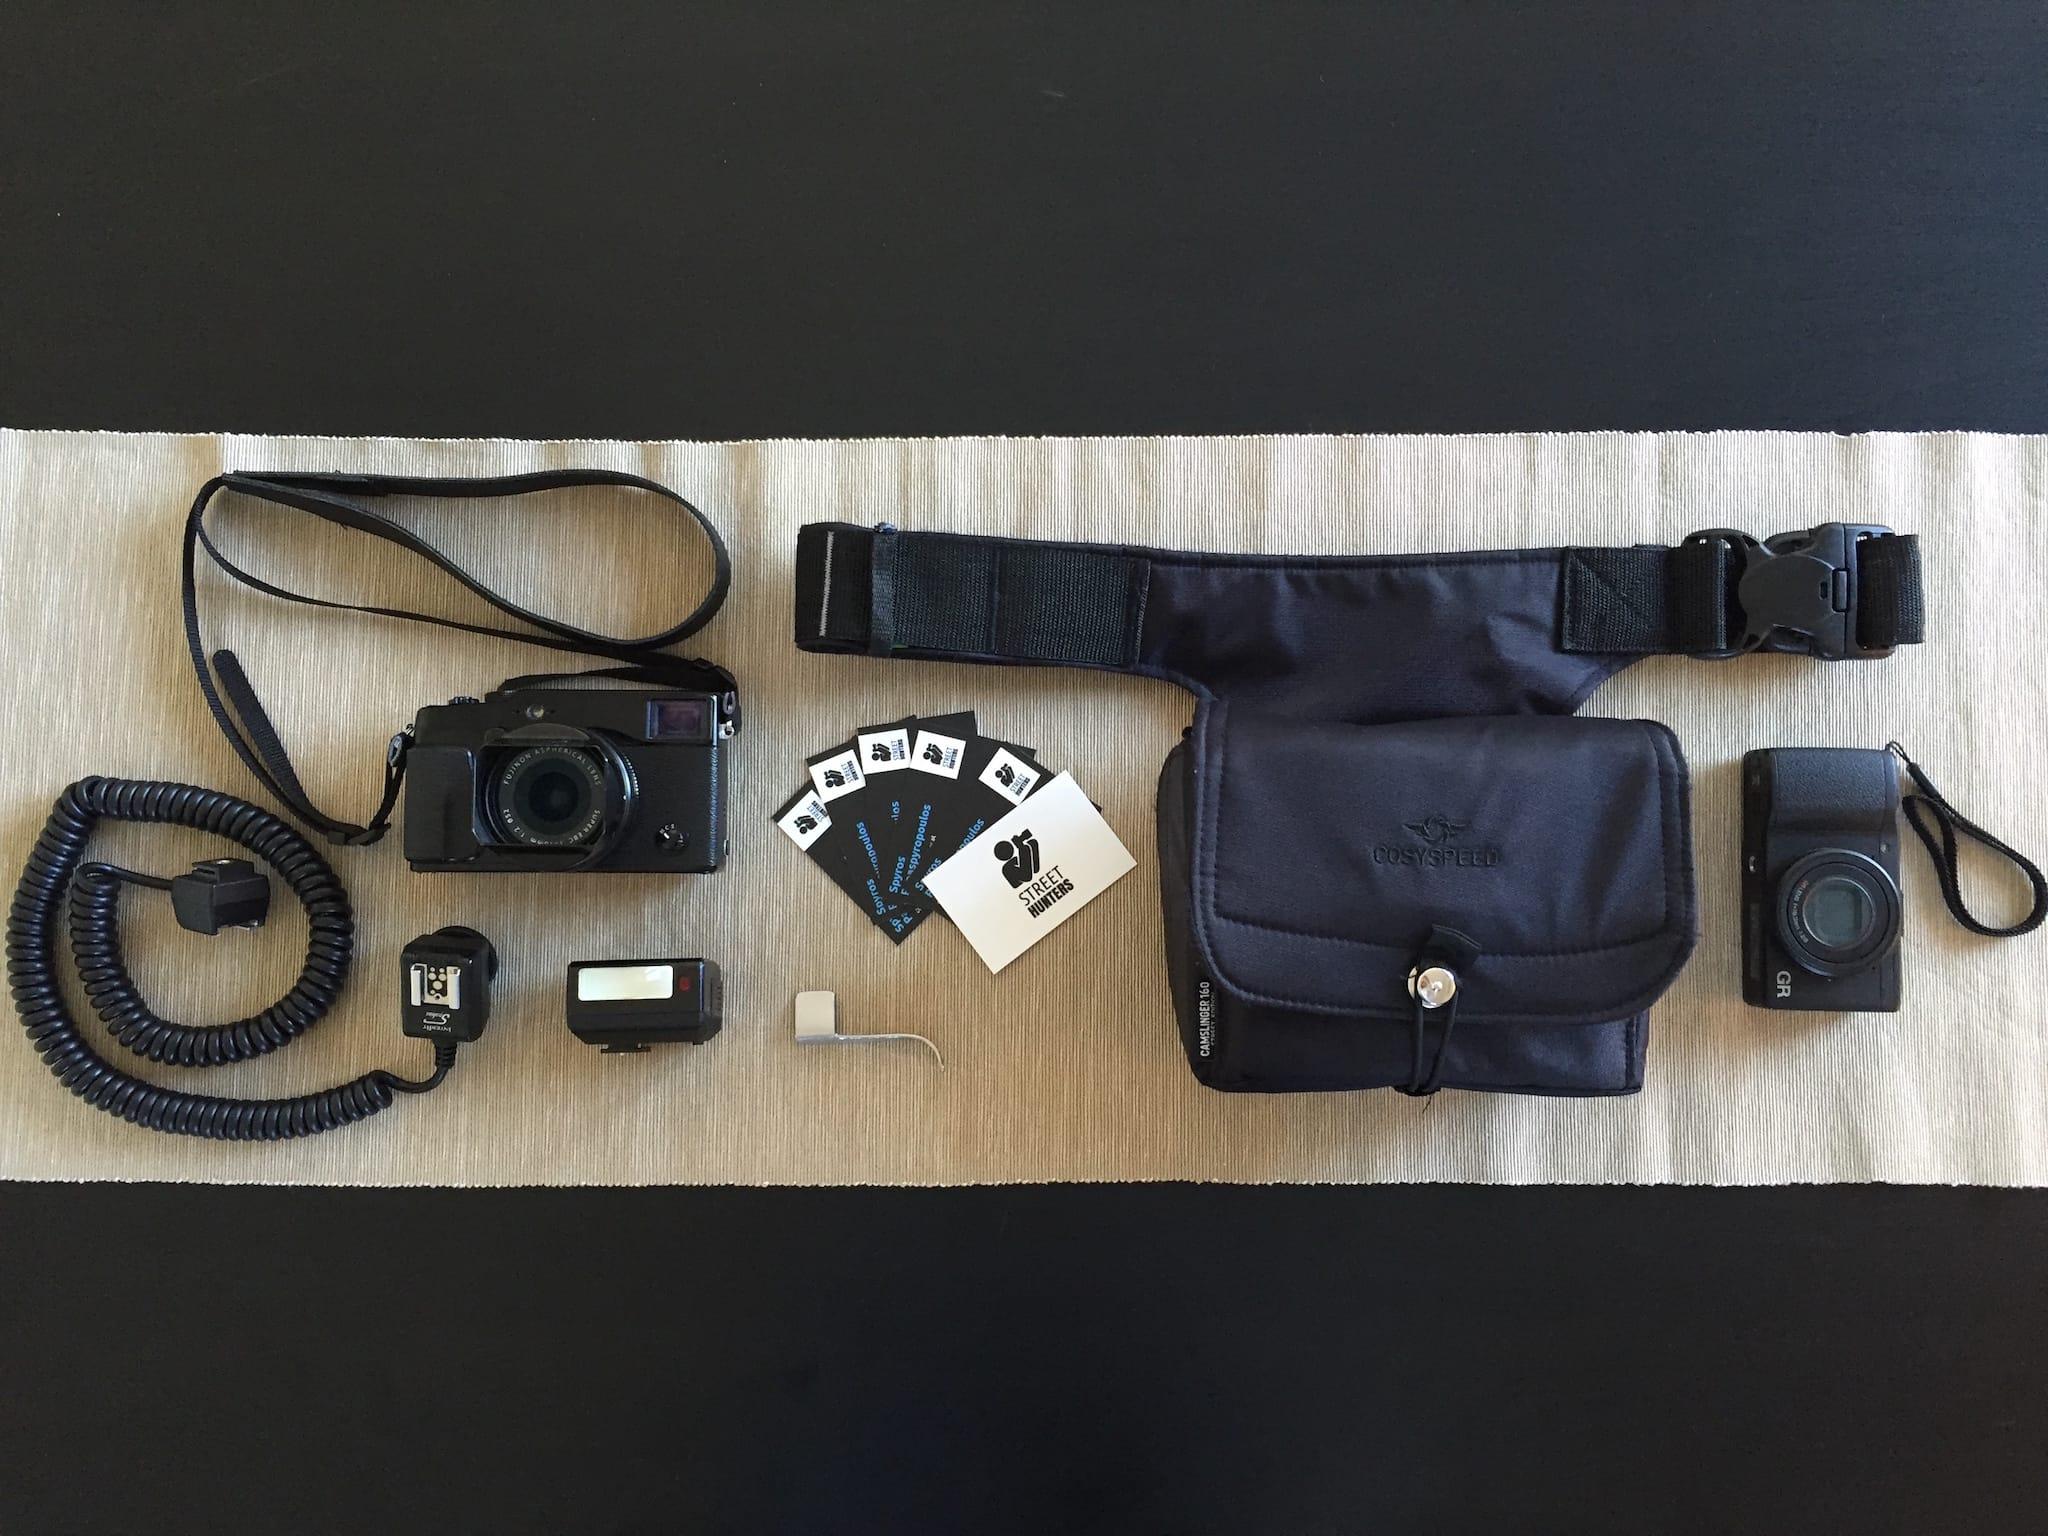 Inside Spyros Papaspyropoulos' Camera Bag